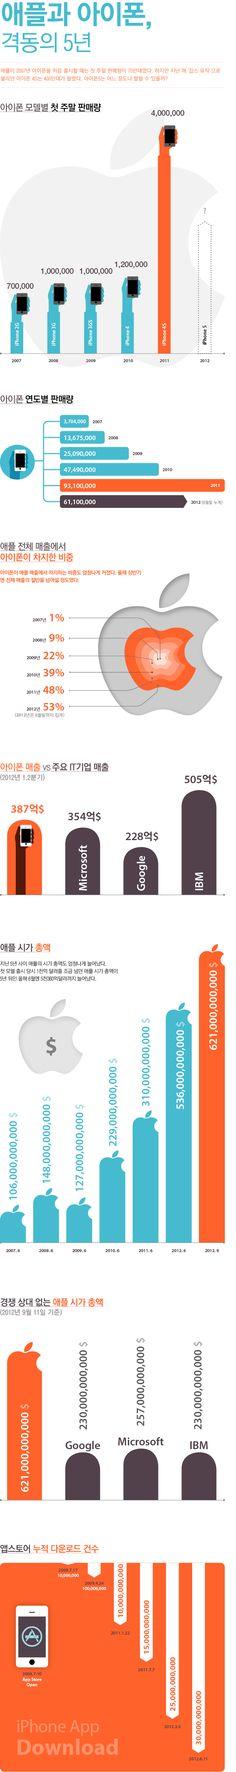 [인포그래픽]애플과 아이폰, 격동의 5년   Daum 미디어다음